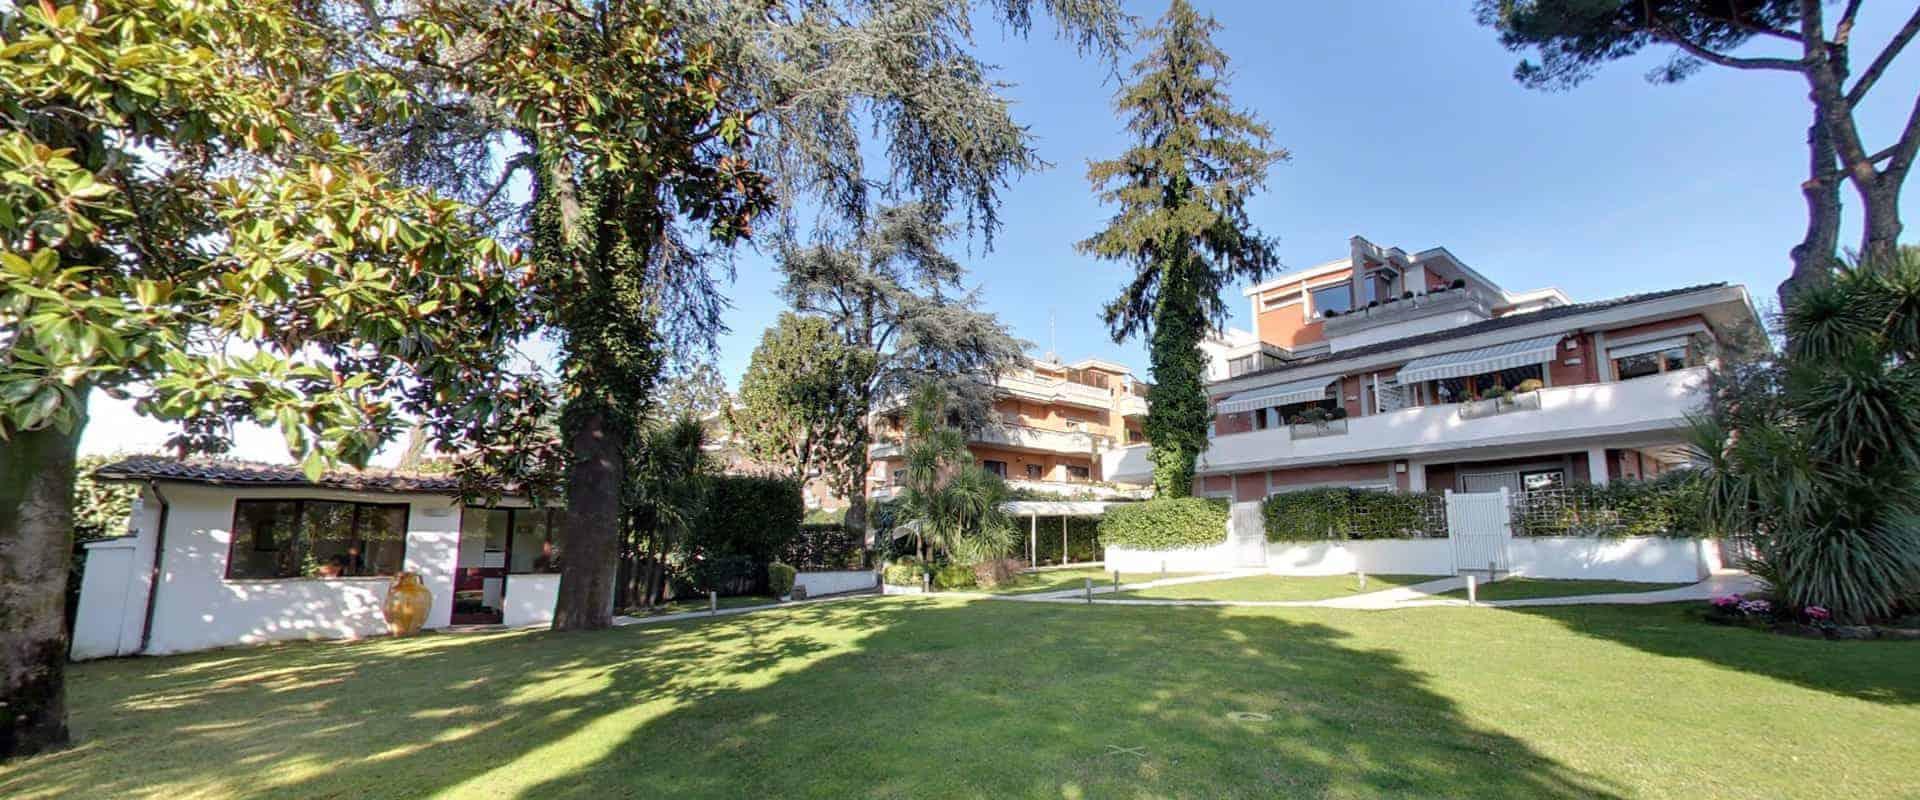 Appartamenti affitto breve termine roma scegli un residence for Appartamenti arredati in affitto roma